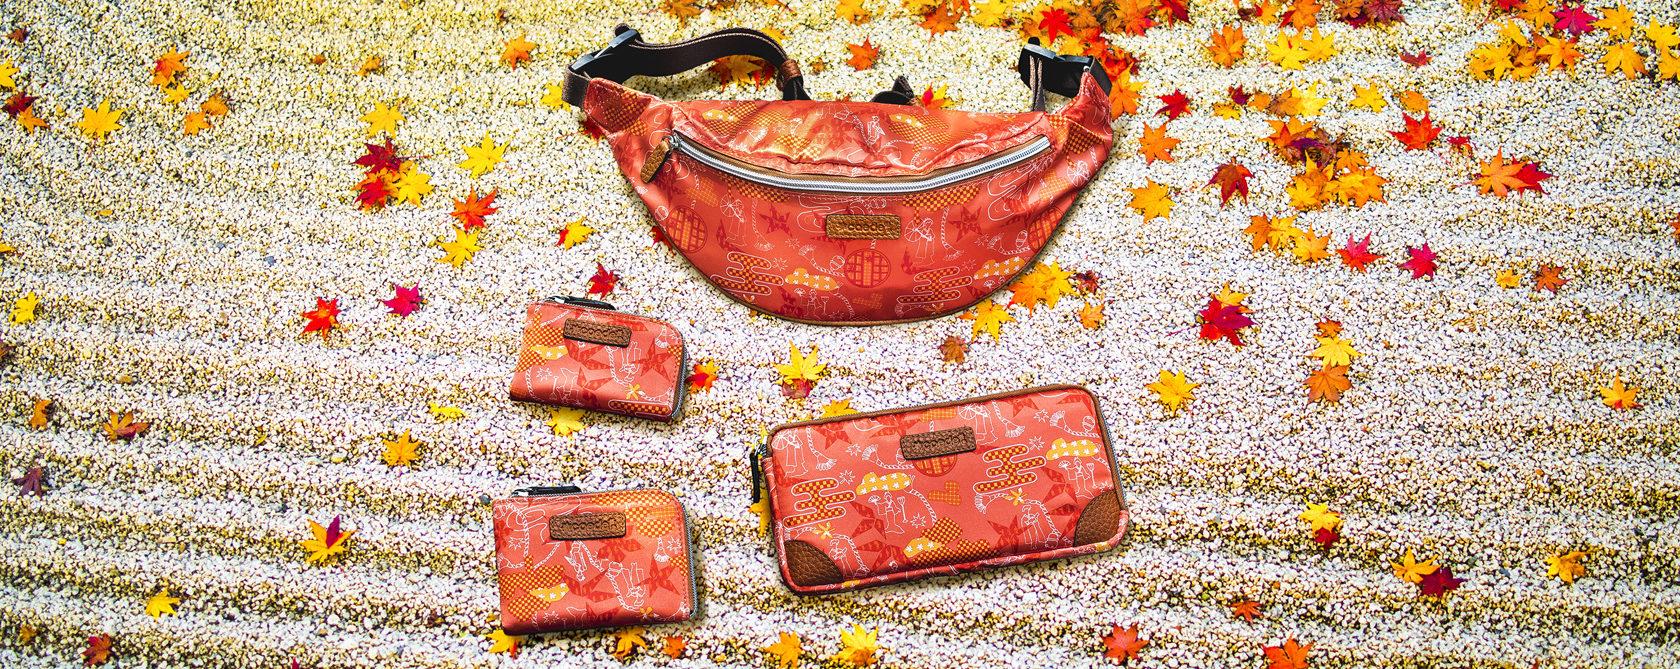 京都限定のELISIR caede KYOTO | エリシアカエデ京都のバッグシリーズ Maiko Gerden Small Goods